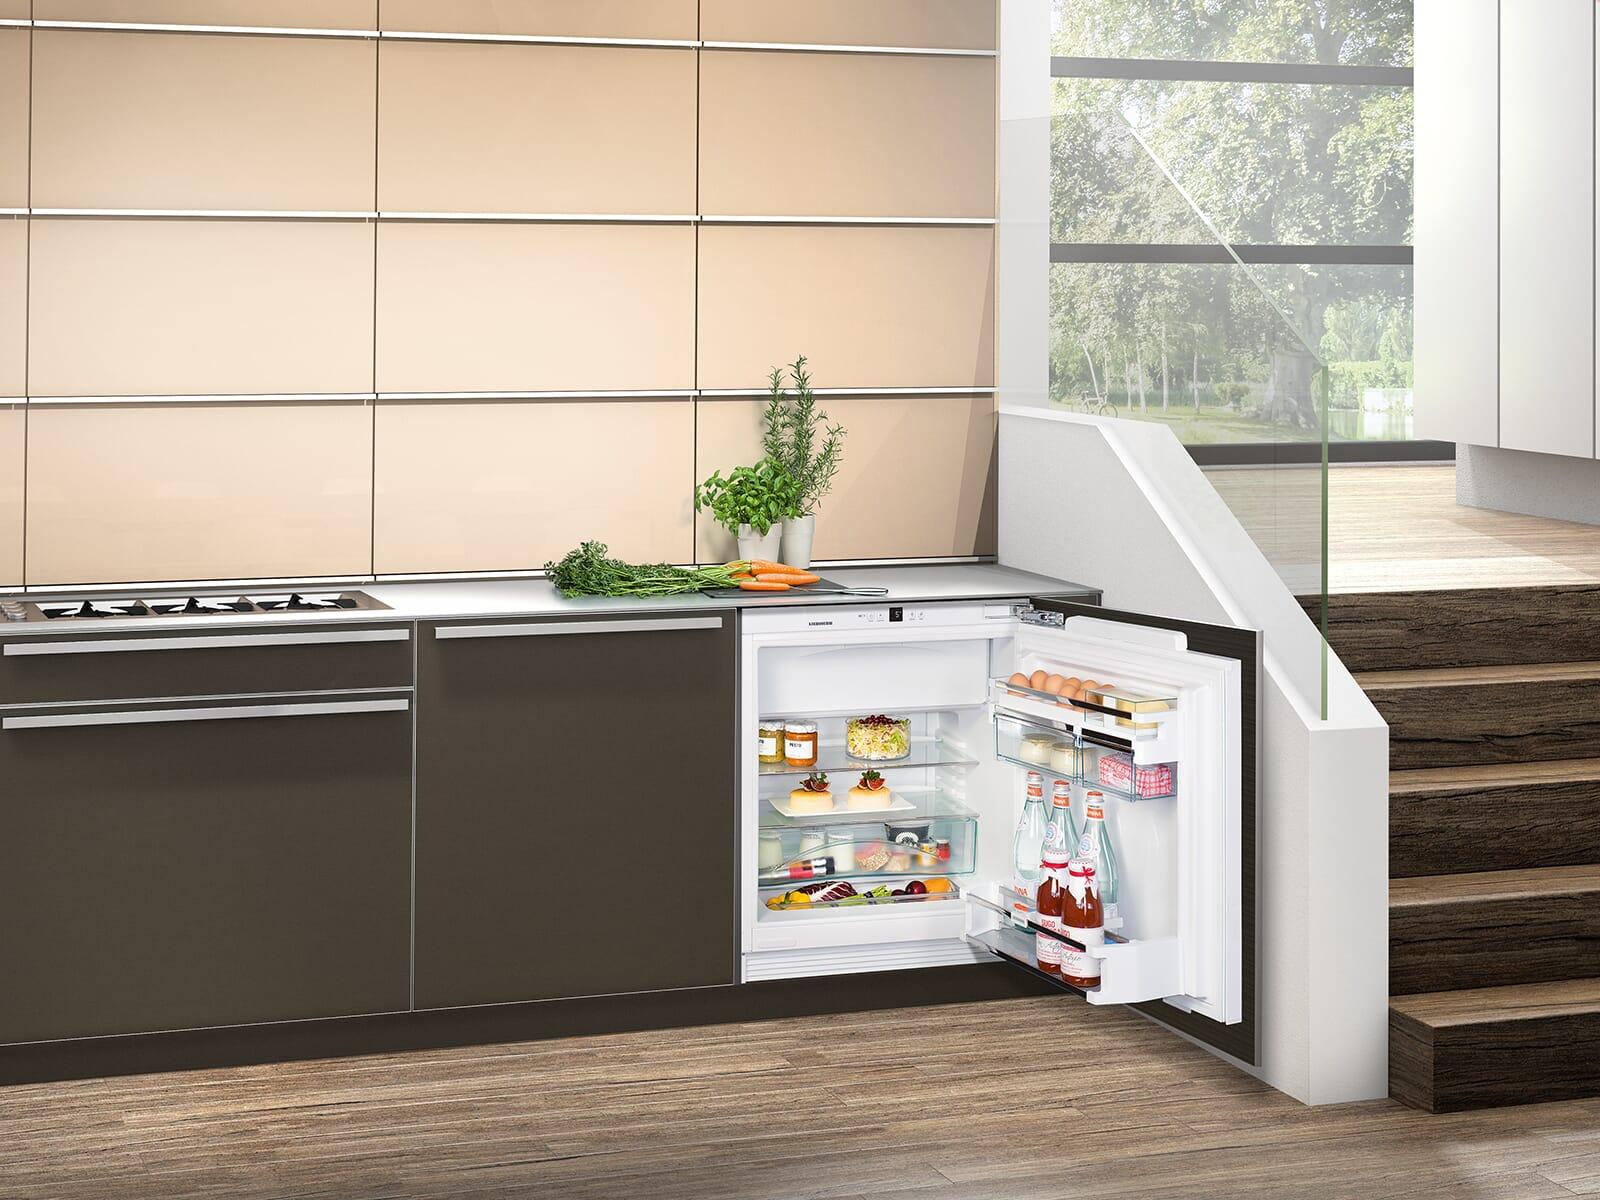 Liebherr UIKP 1554 Premium Unterbaukühlschrank mit Gefrierfach A+++